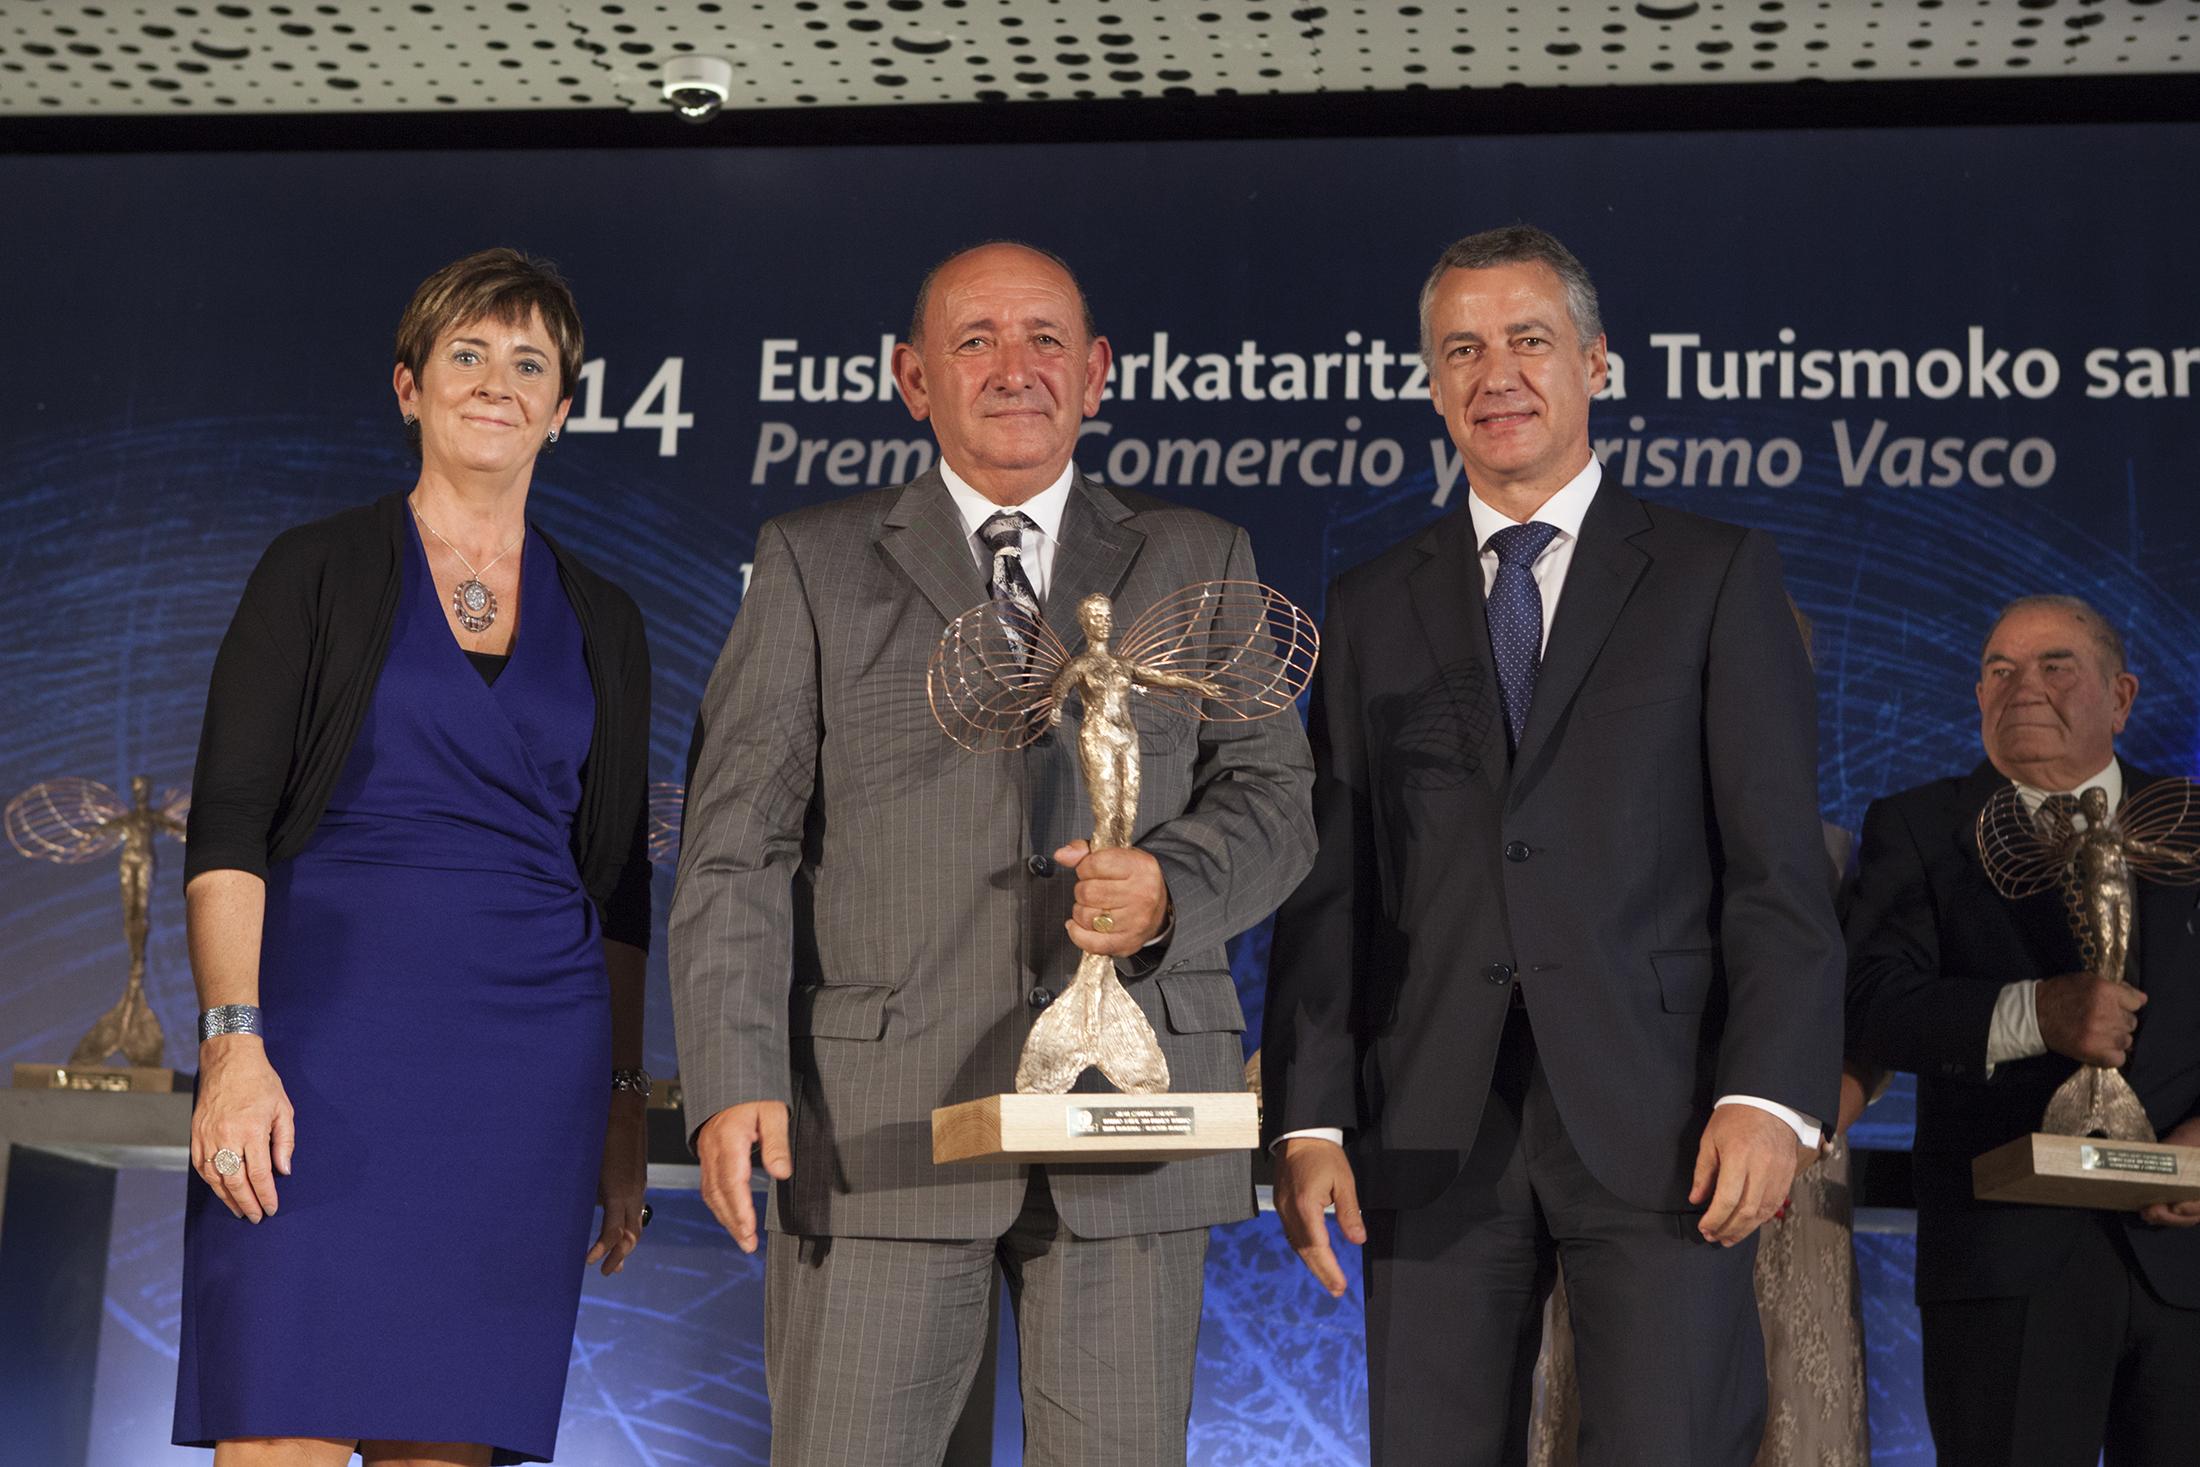 2014_10_07_lhk_premios_turismo_107.jpg